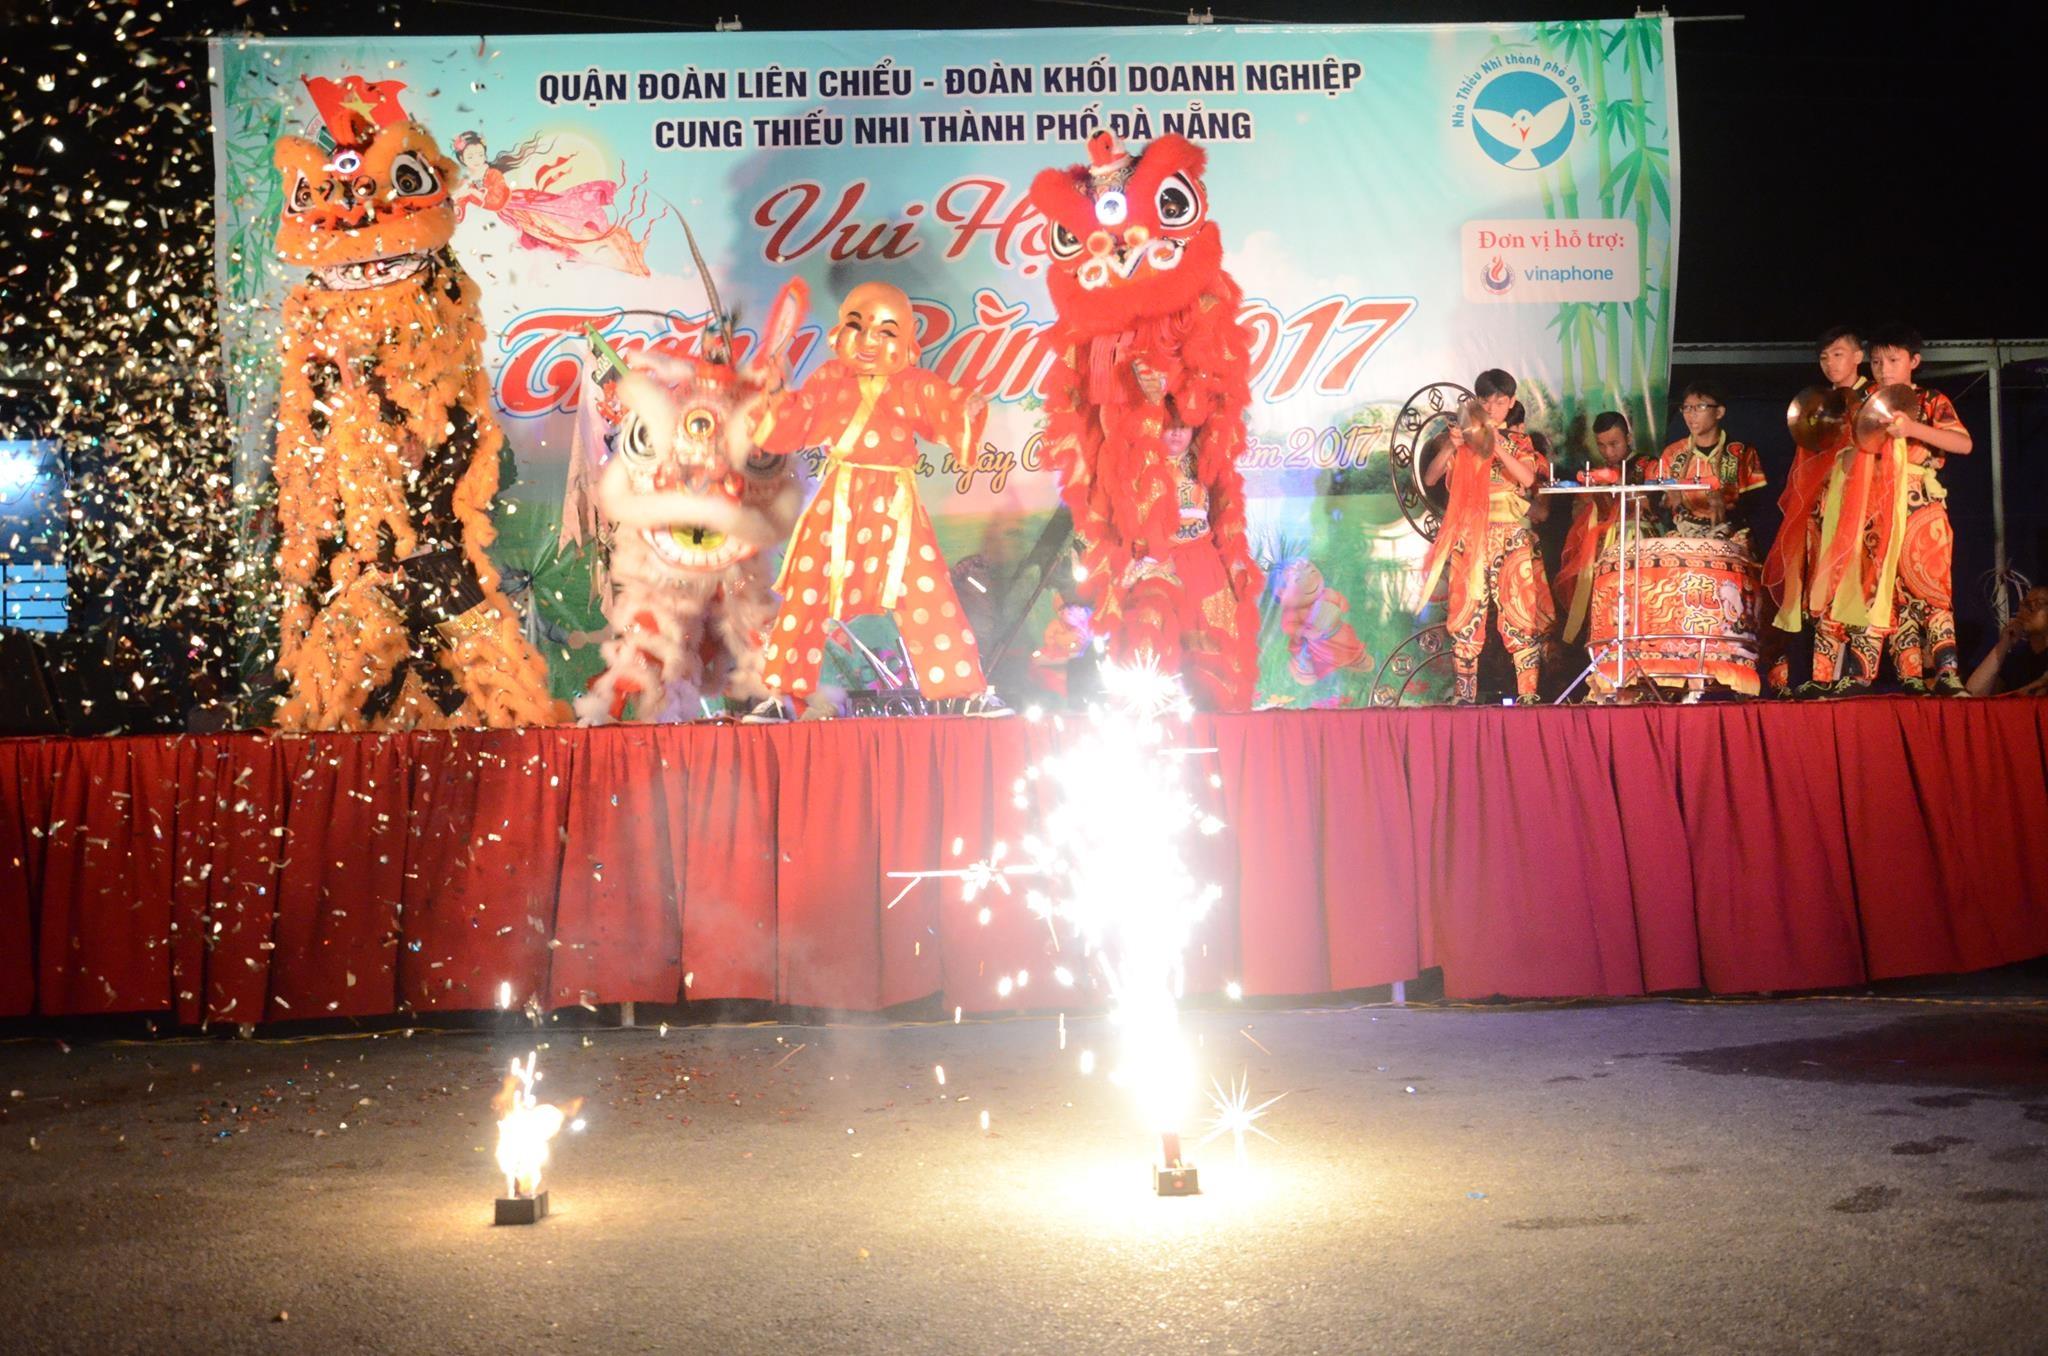 Liên Chiểu tổ chức Chương trình Trung thu cho thiếu nhi Làng Vân, tổ 14 phường Hòa Hiệp Nam